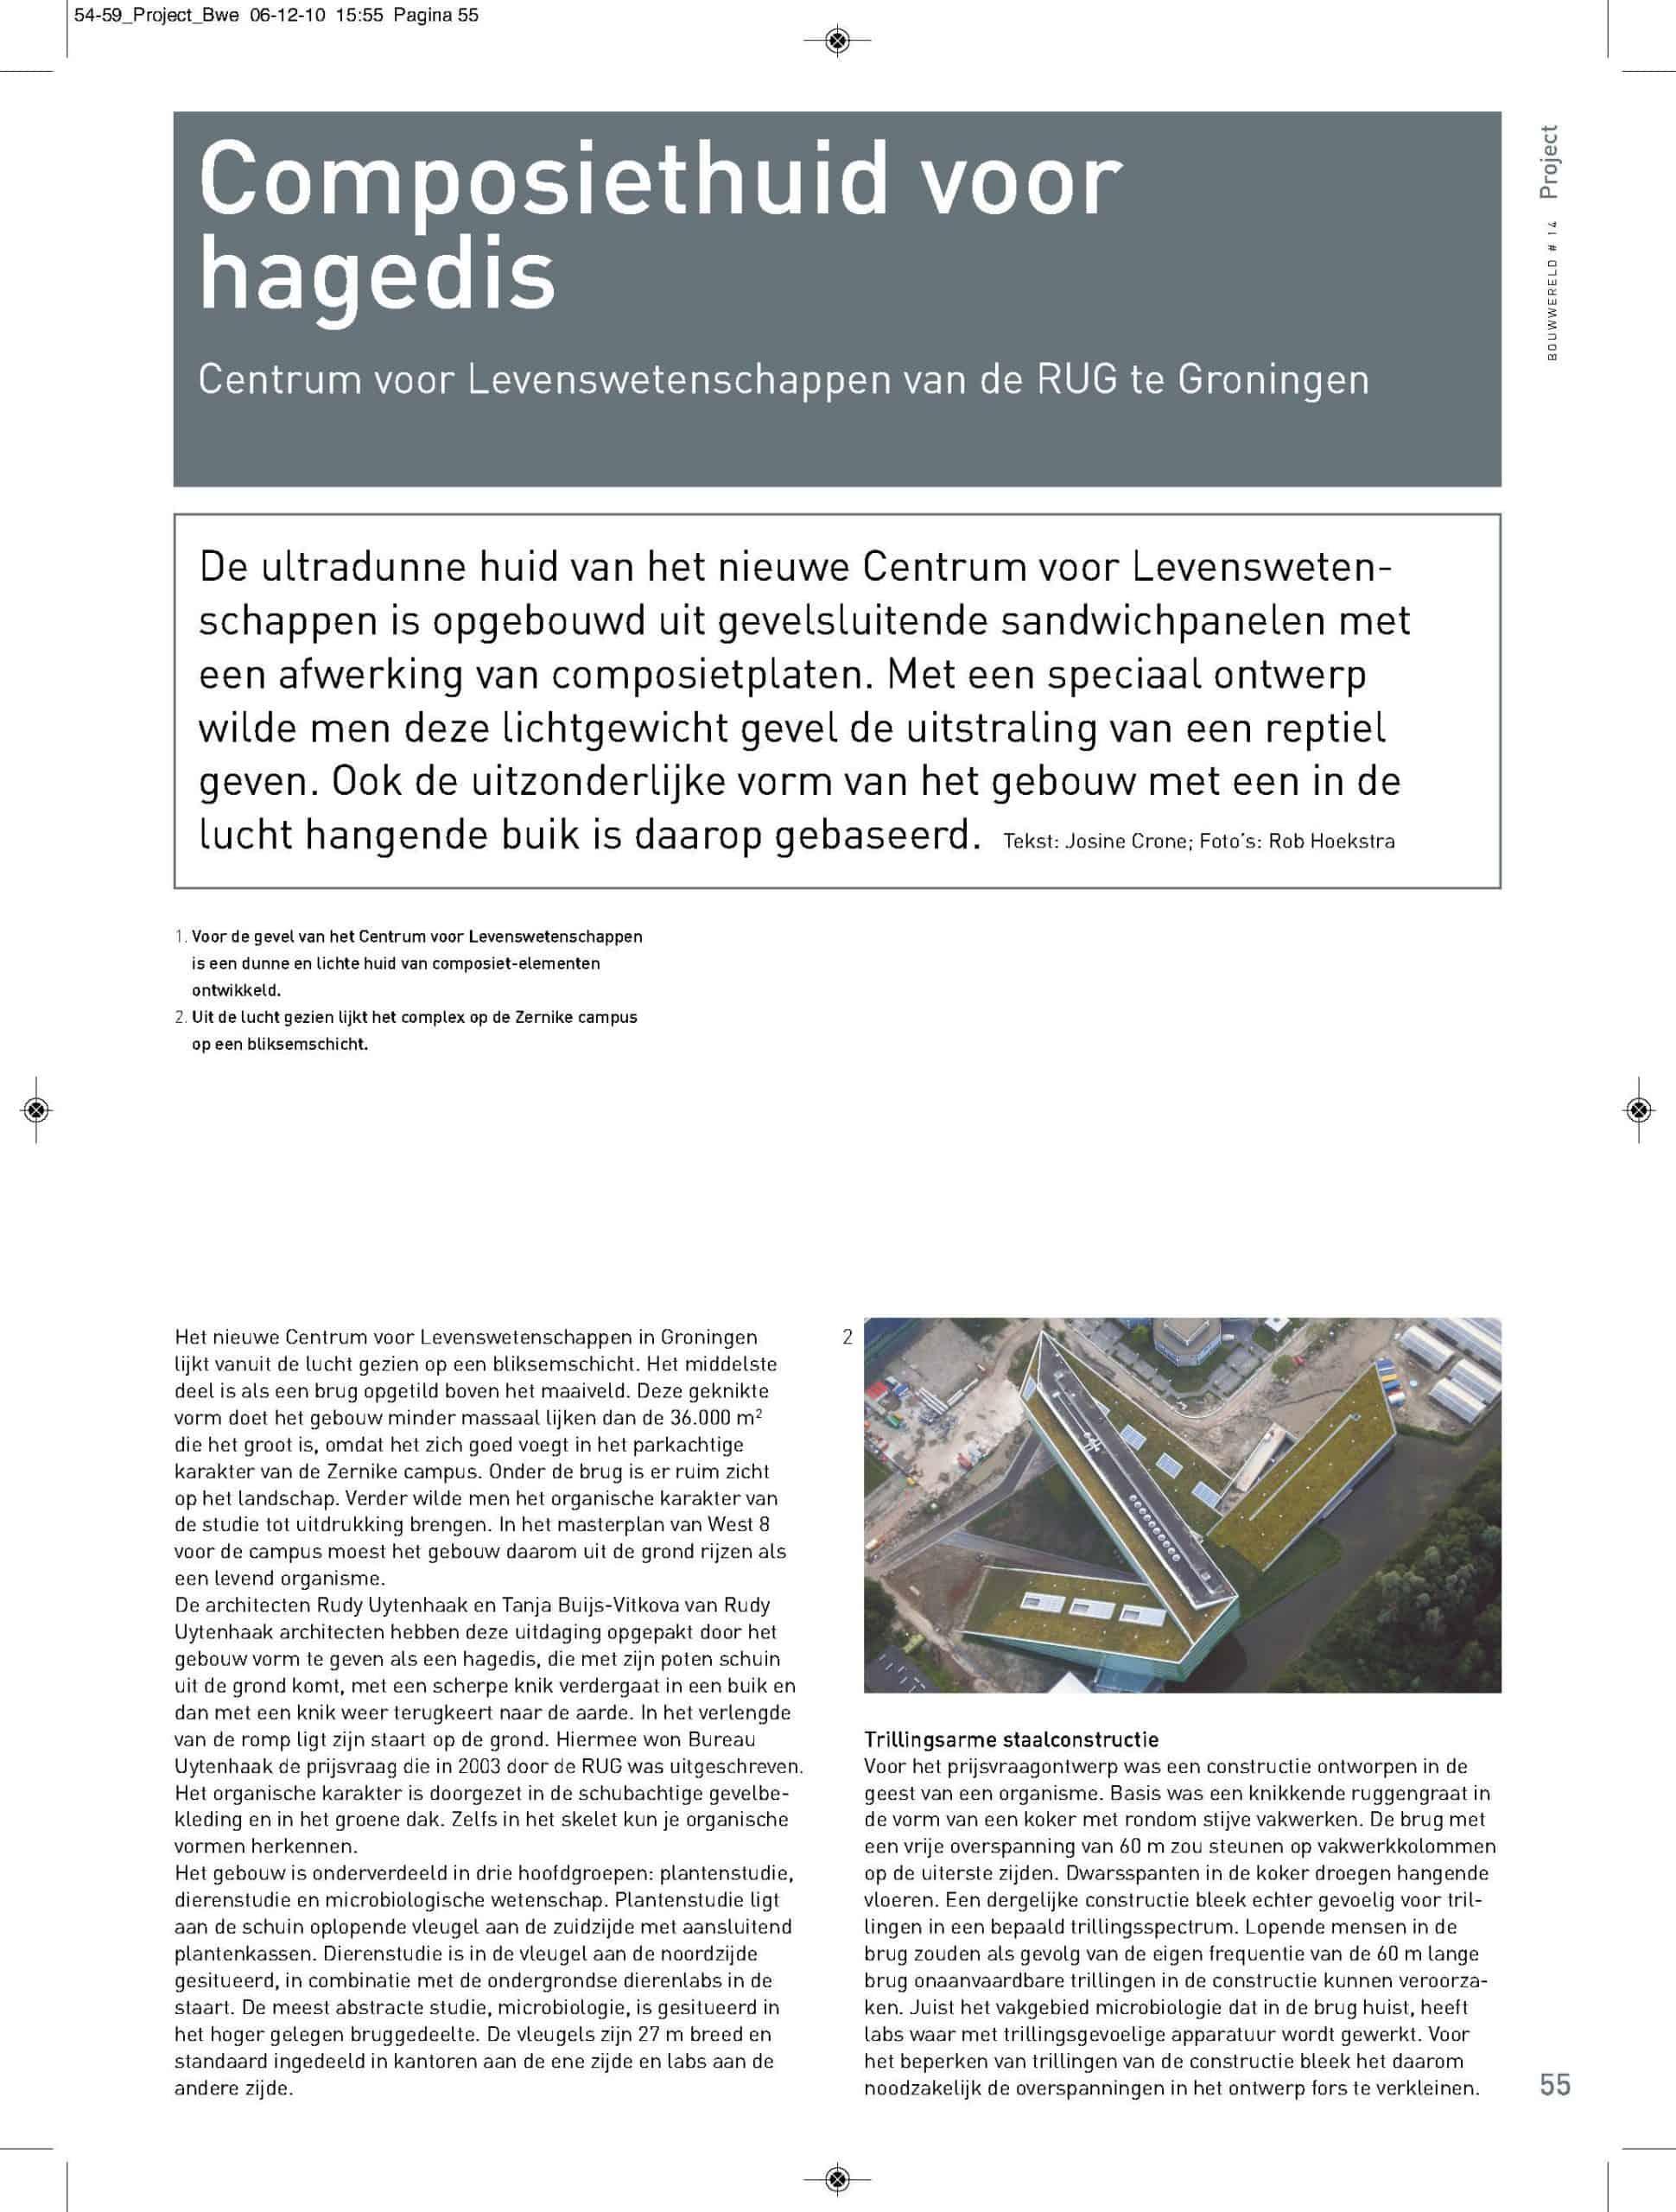 Bouwwereld_2011-04_Composiethuid-voor-hagedis_2-1-scaled